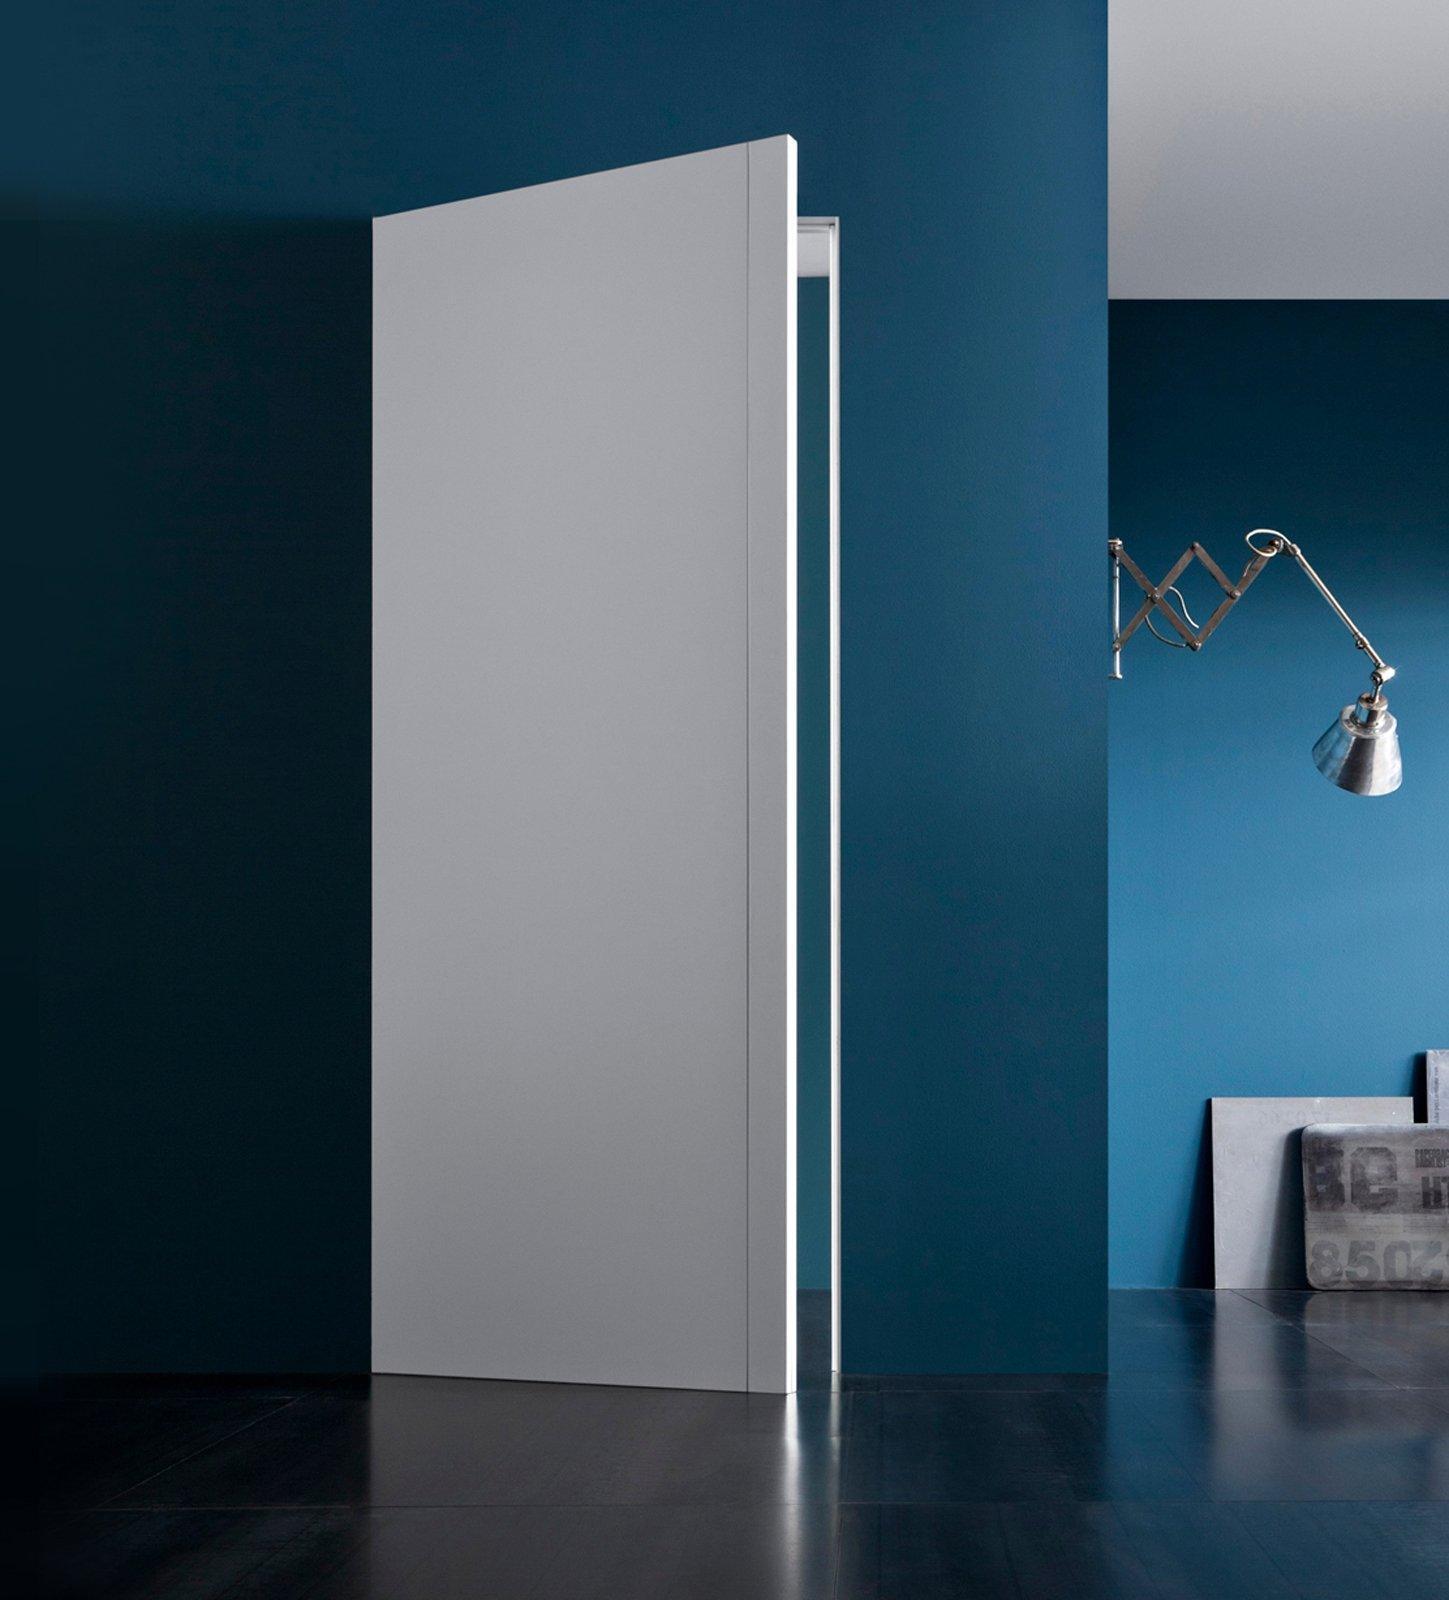 Porte e arredo i consigli su come abbinare stili e - Porte invisibili scorrevoli ...